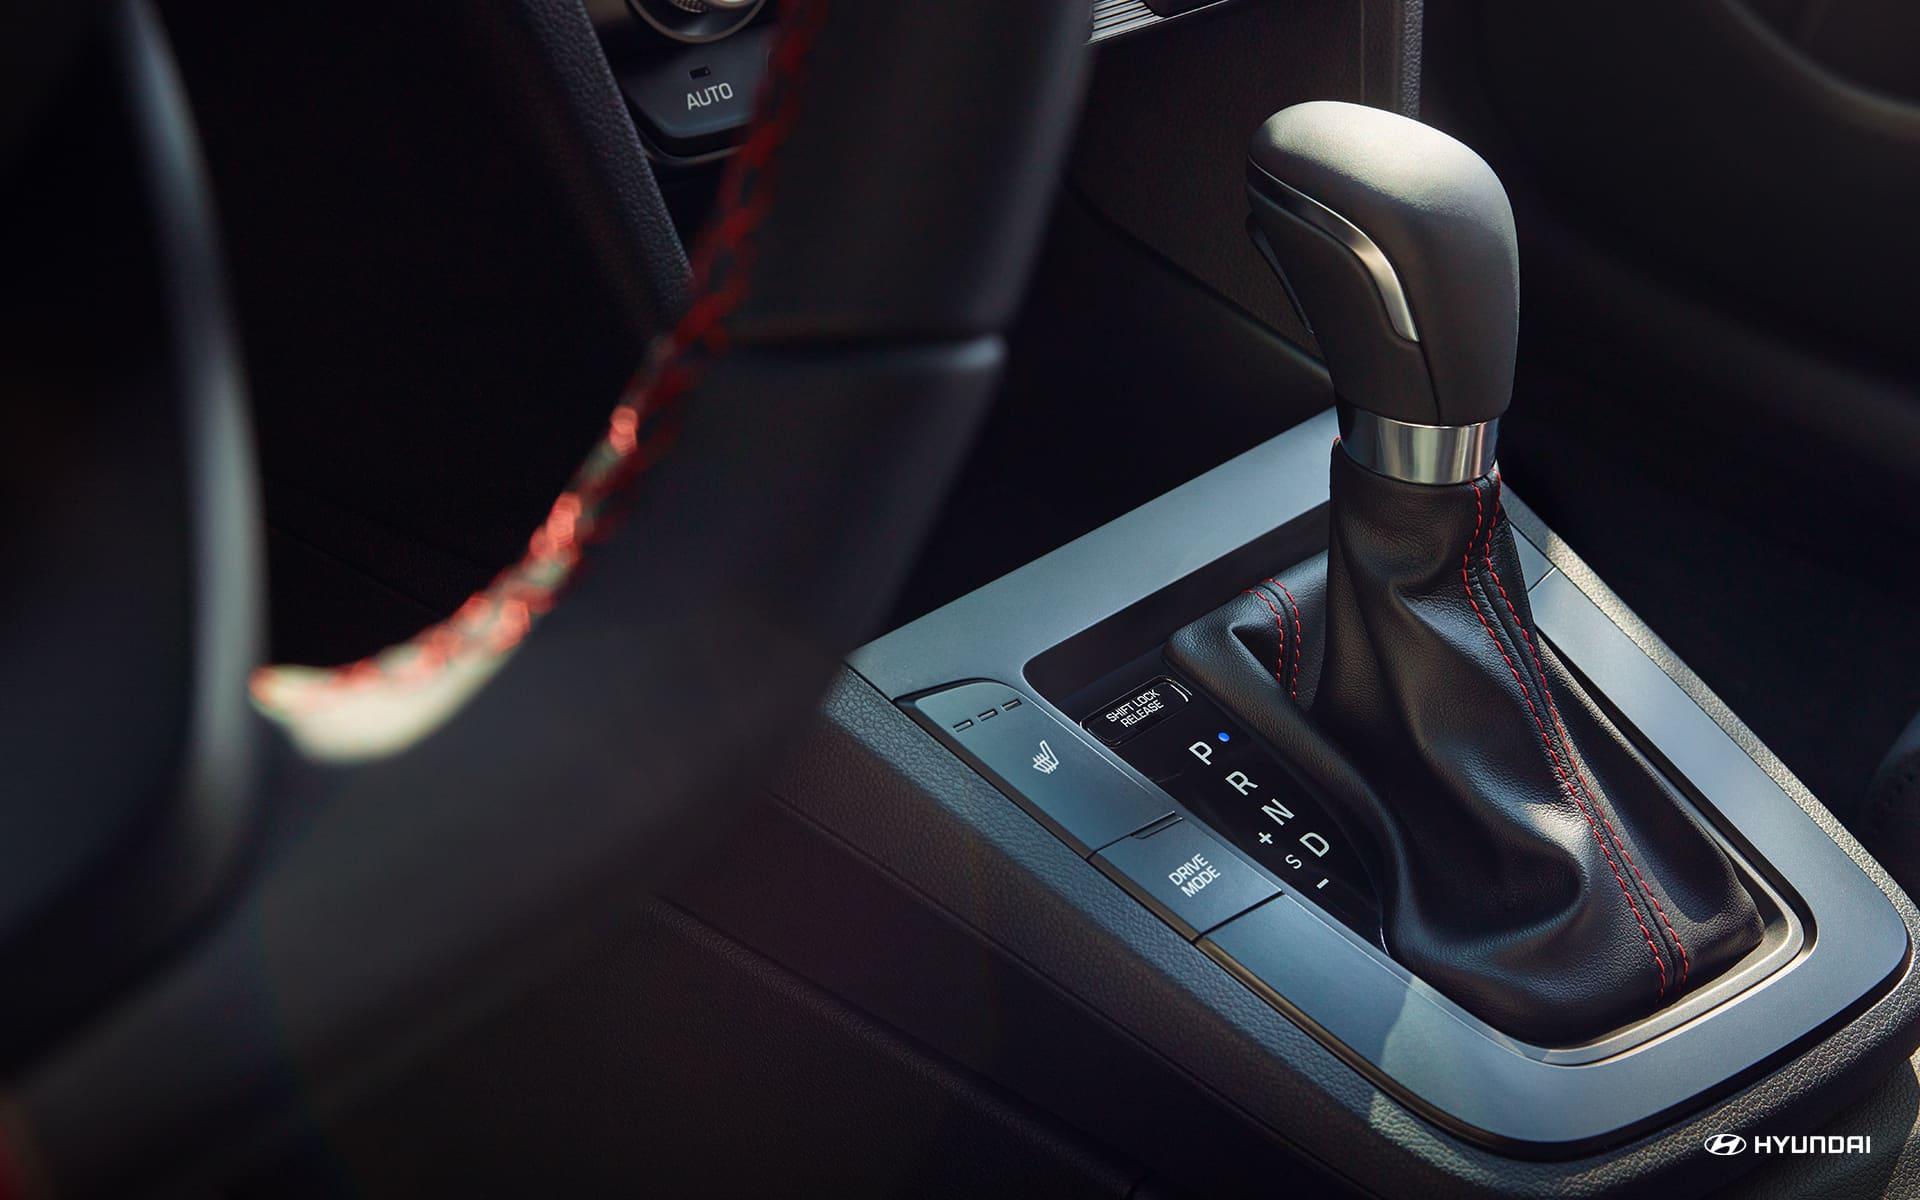 Gear Shift in the 2020 Hyundai Elantra